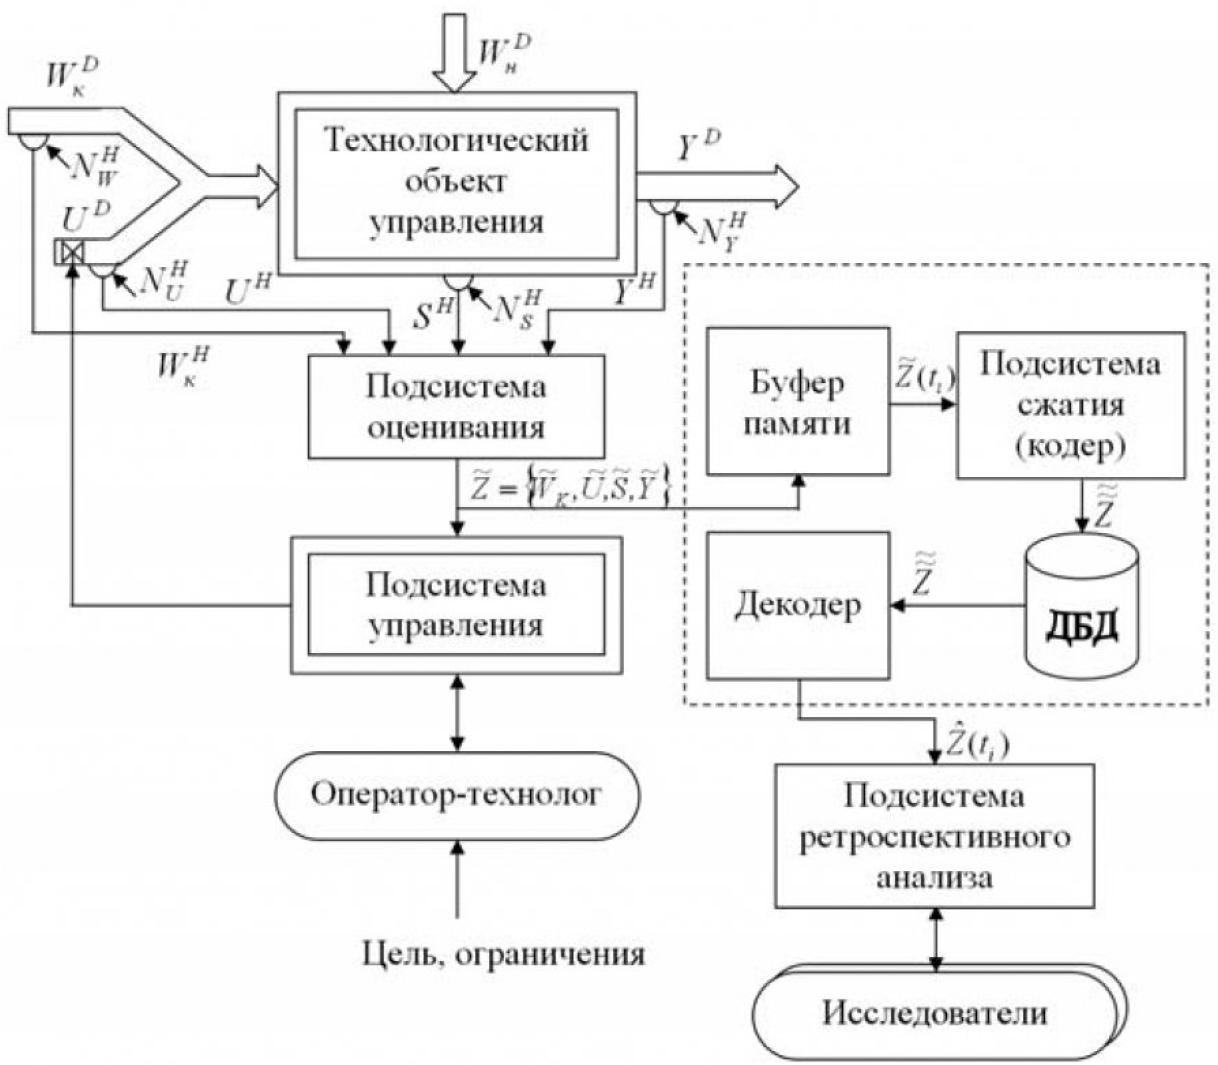 Применение сплайнов для адаптивного сжатия сигналов измерительной информации в системах автоматизации технологических процессов 1